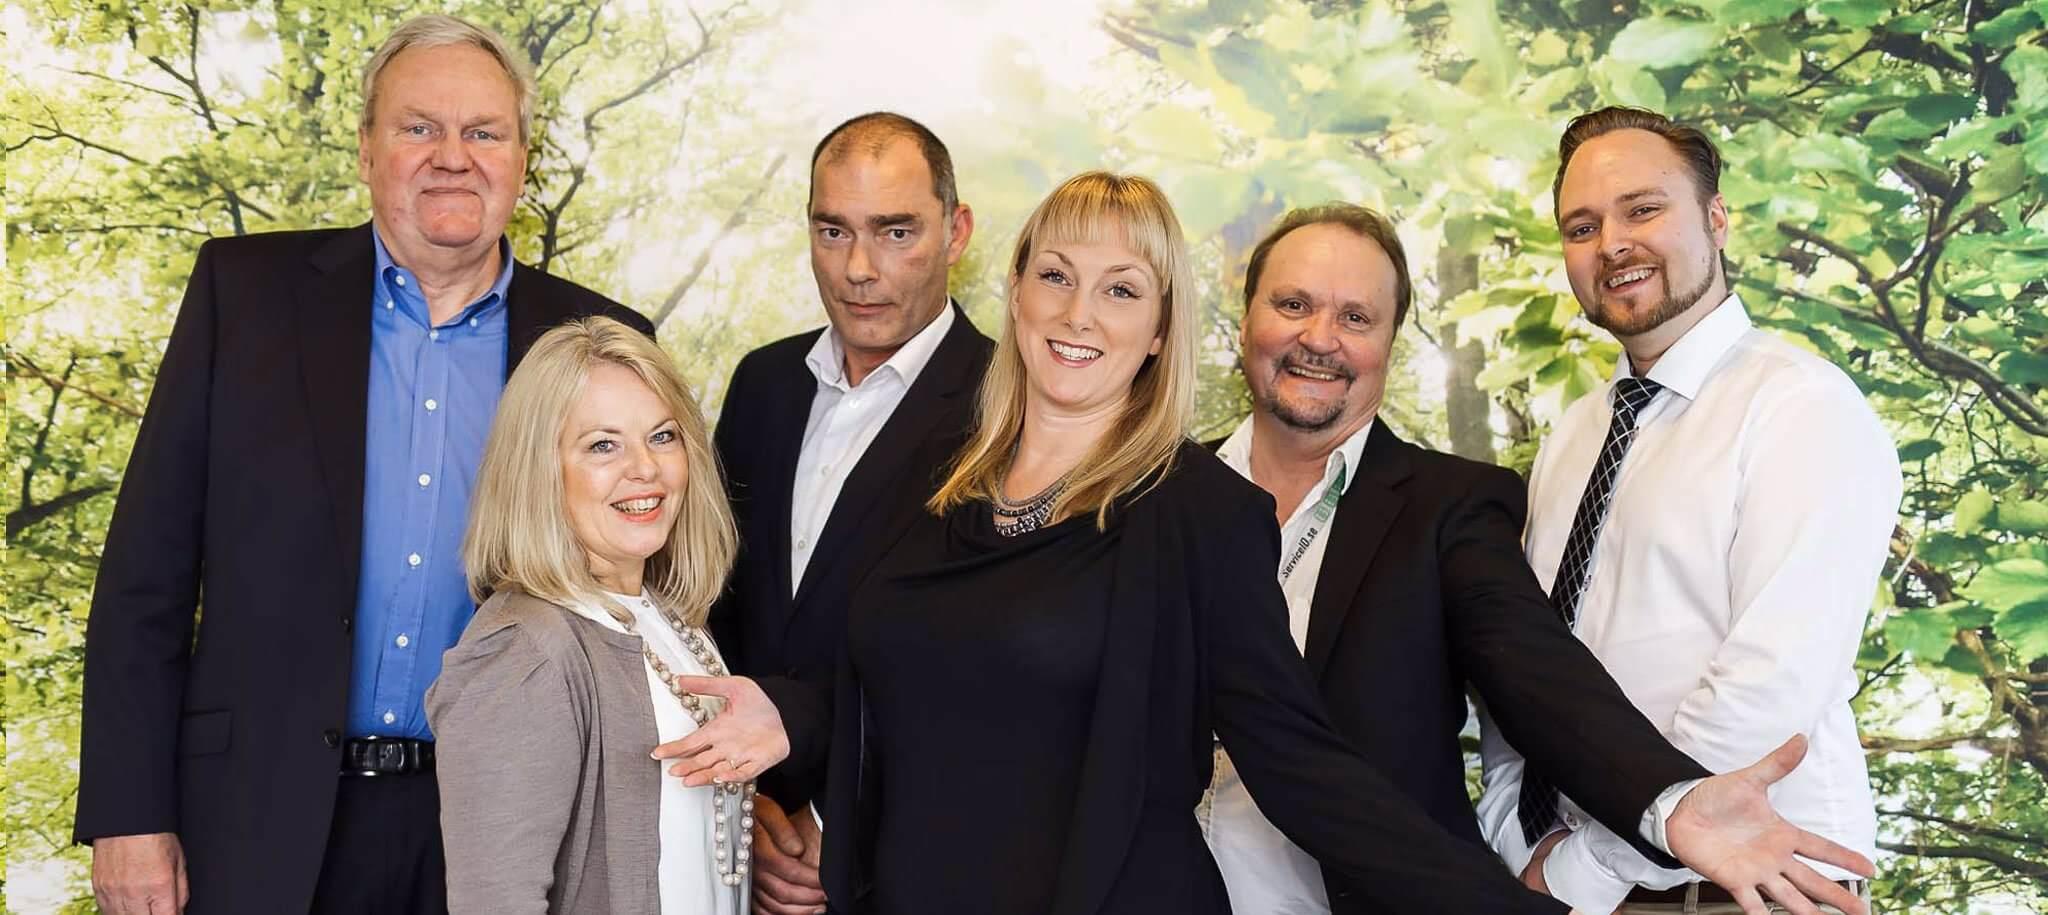 Nu går jag, Emma Dehmer Unevik, mot nya utmaningar som ordförande för Almega Städföretagen